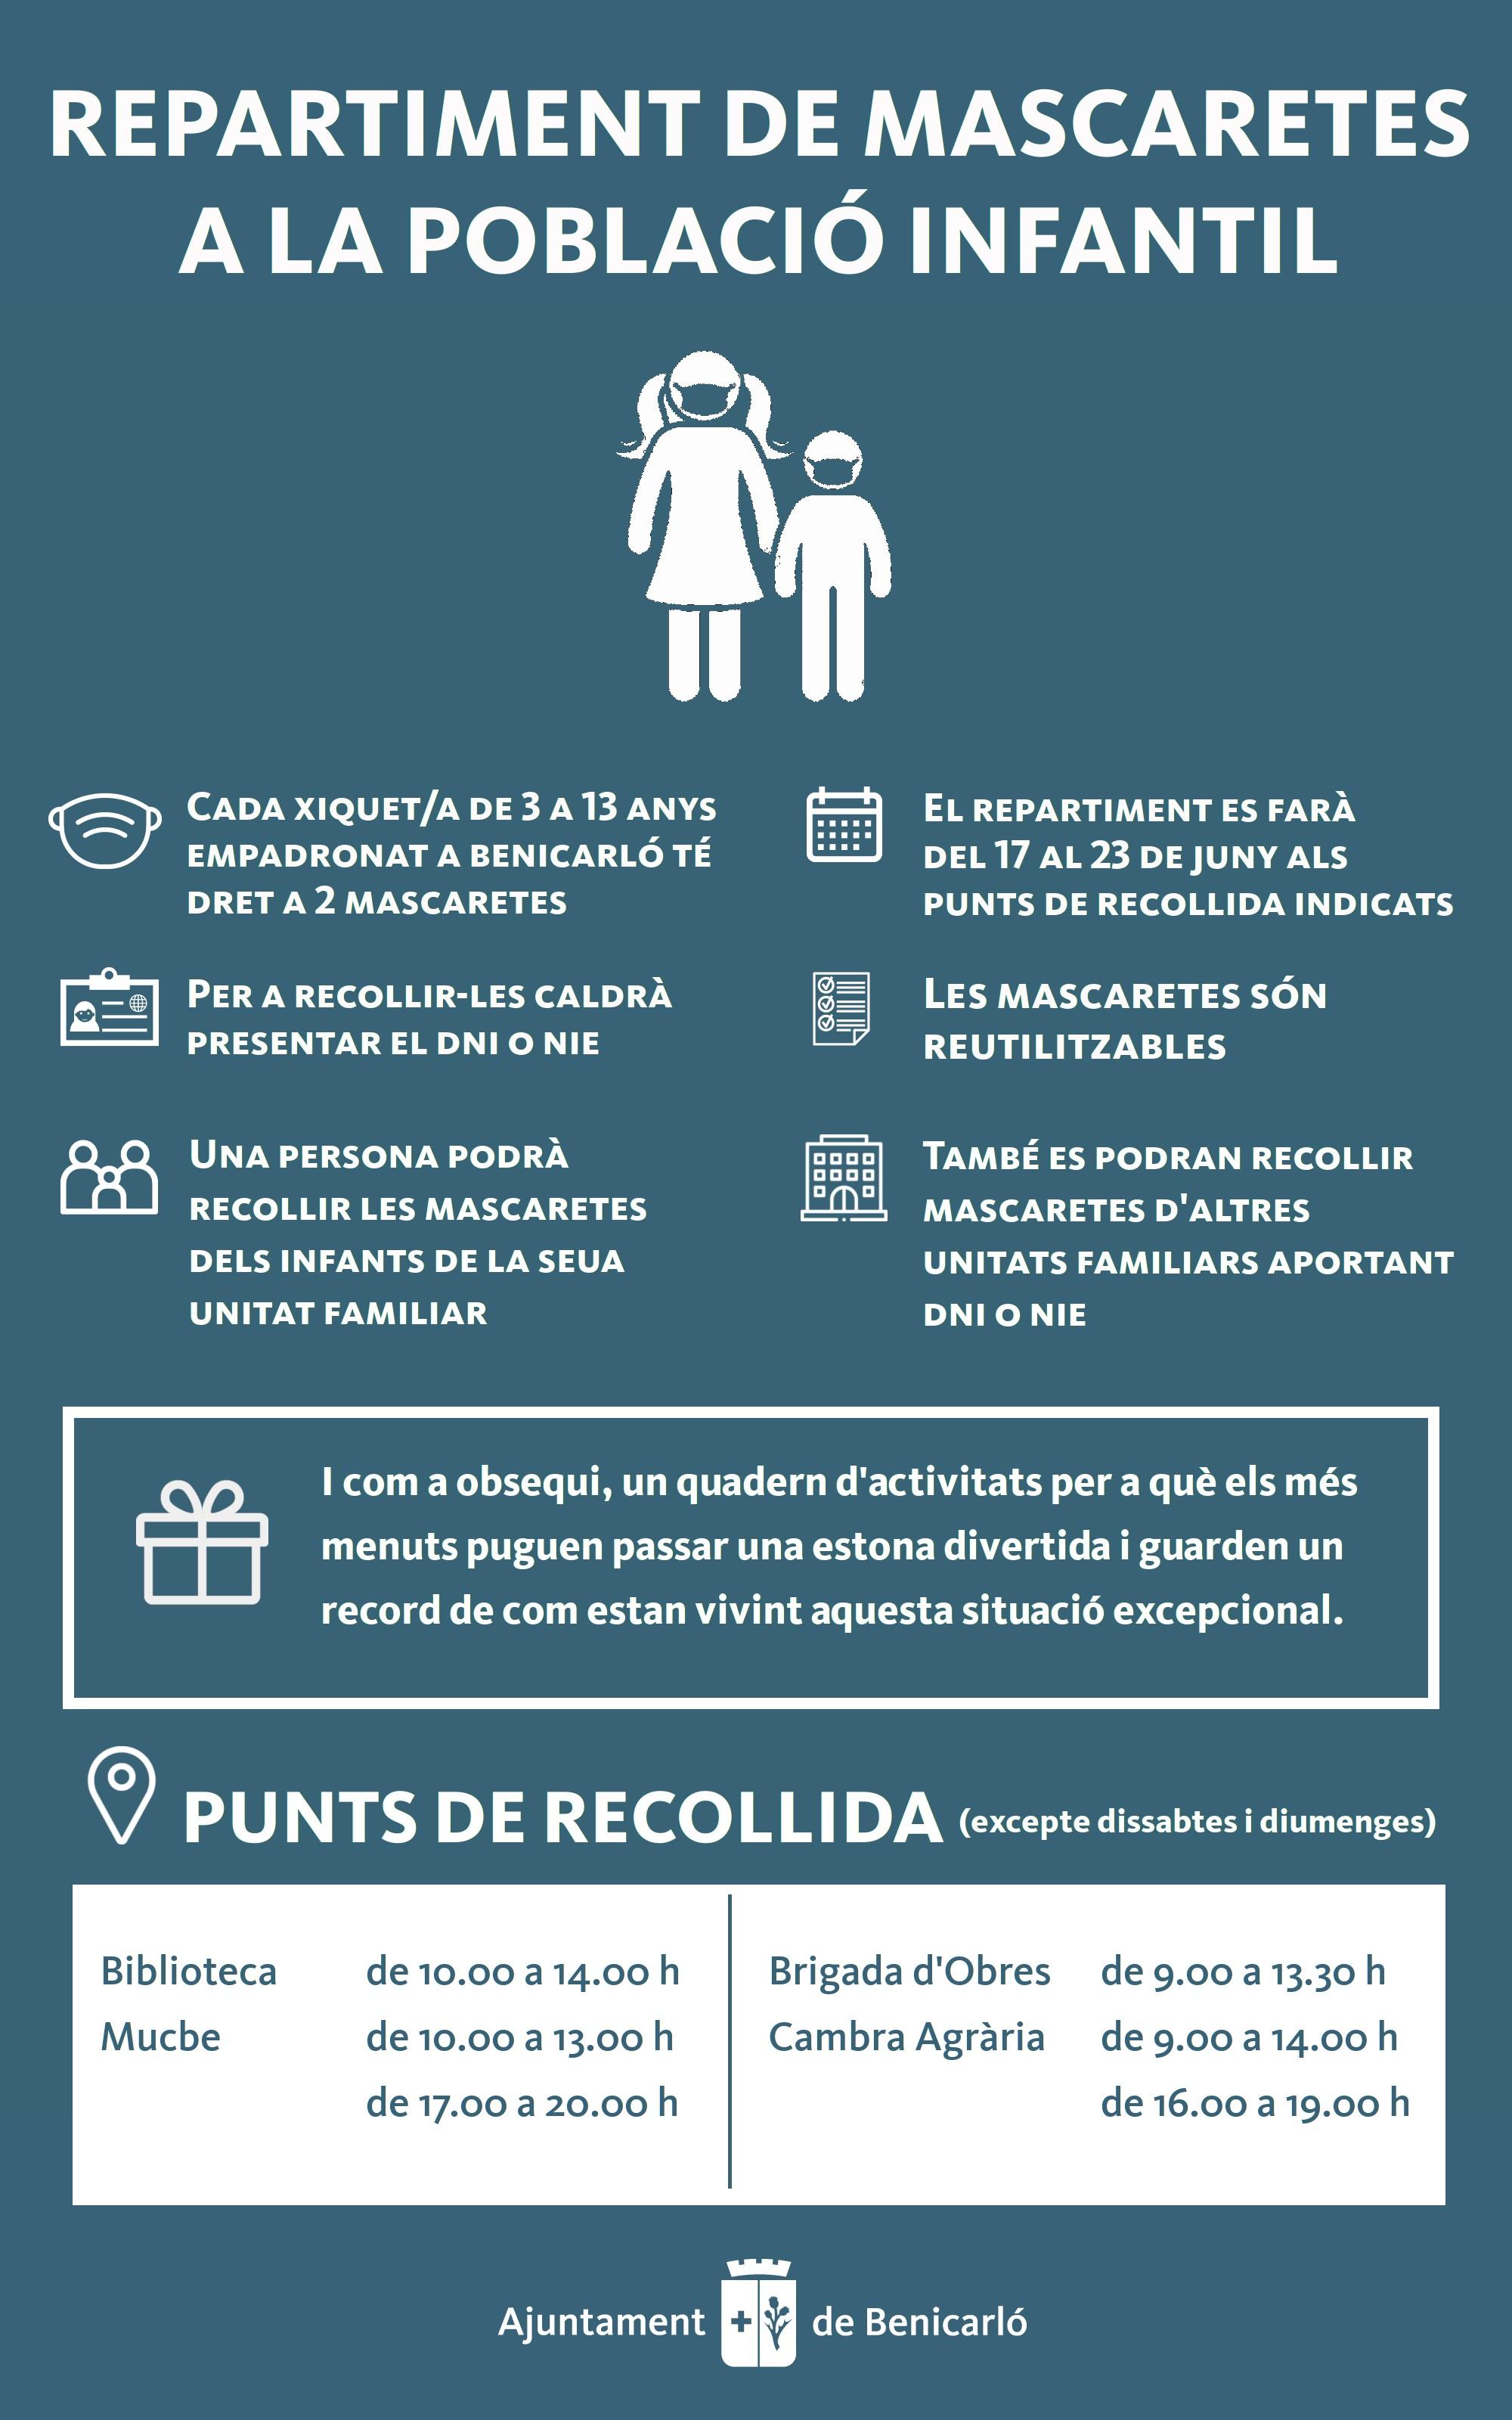 Dimecres 17 comença el repartiment de mascaretes per a la població infantil de Benicarló